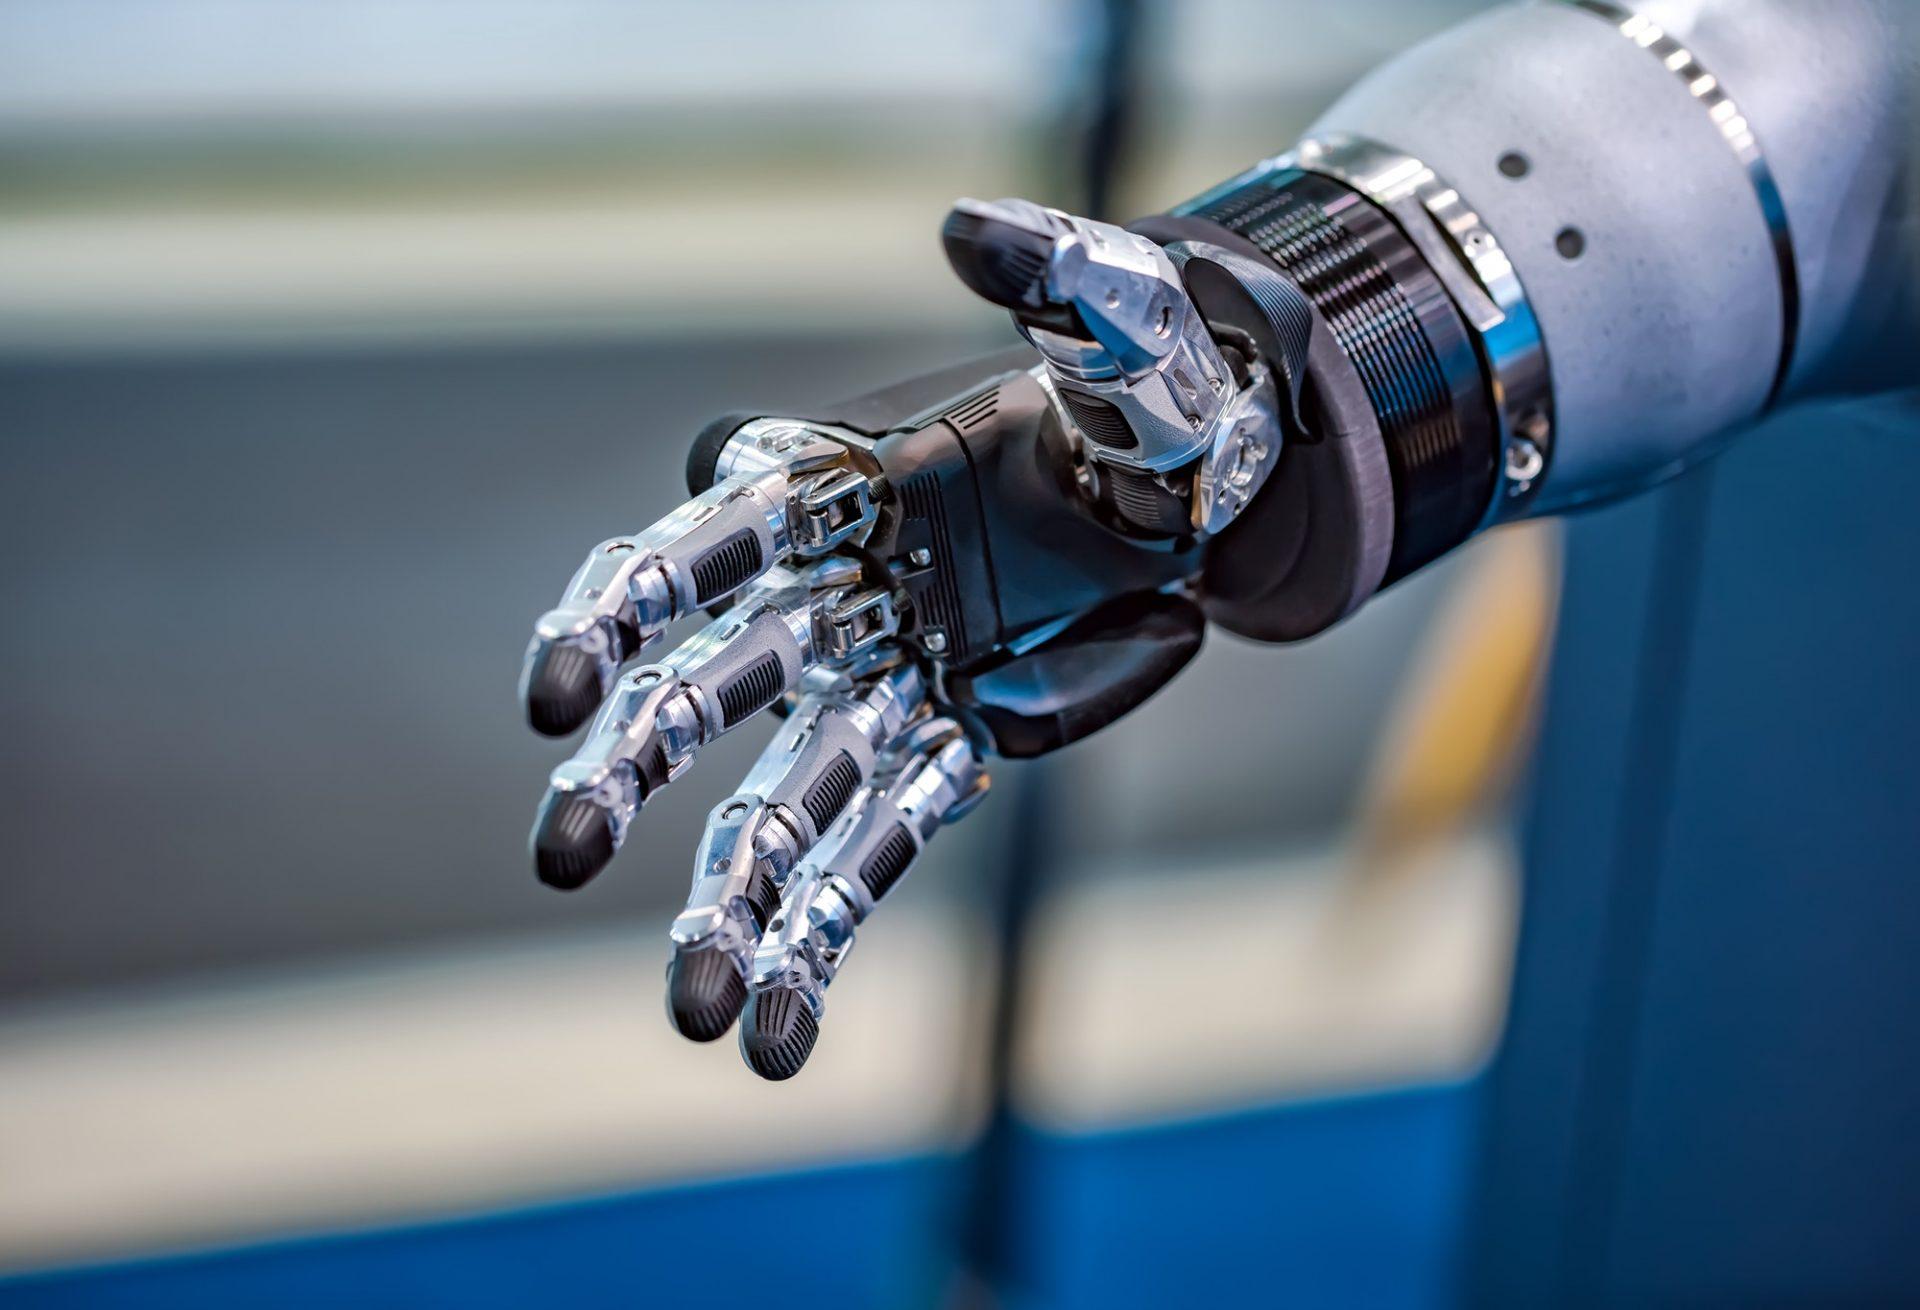 Braço robótico controlado pelo cérebro: engenheiros desenvolvem procedimento não-invasivo